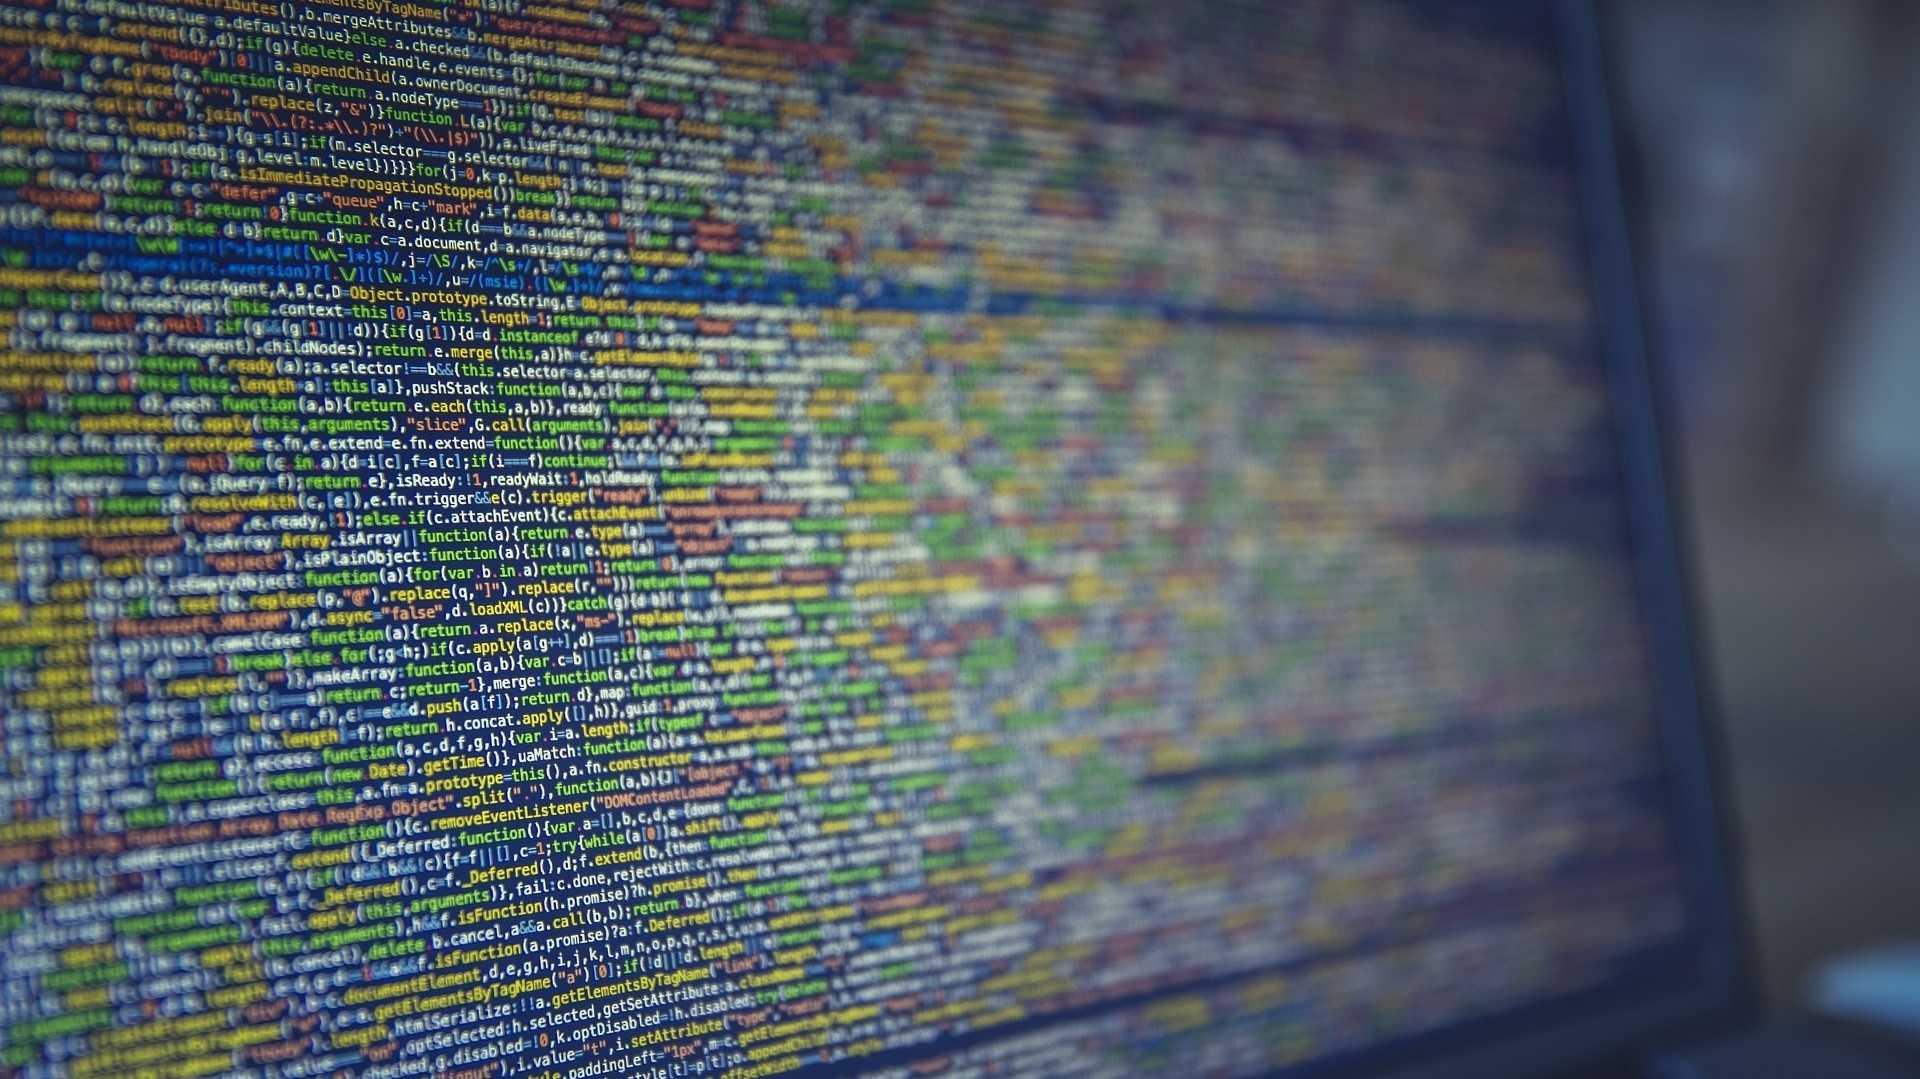 EternalBlue: Hunderttausende Rechner über alte NSA-Schwachstelle infizierbar